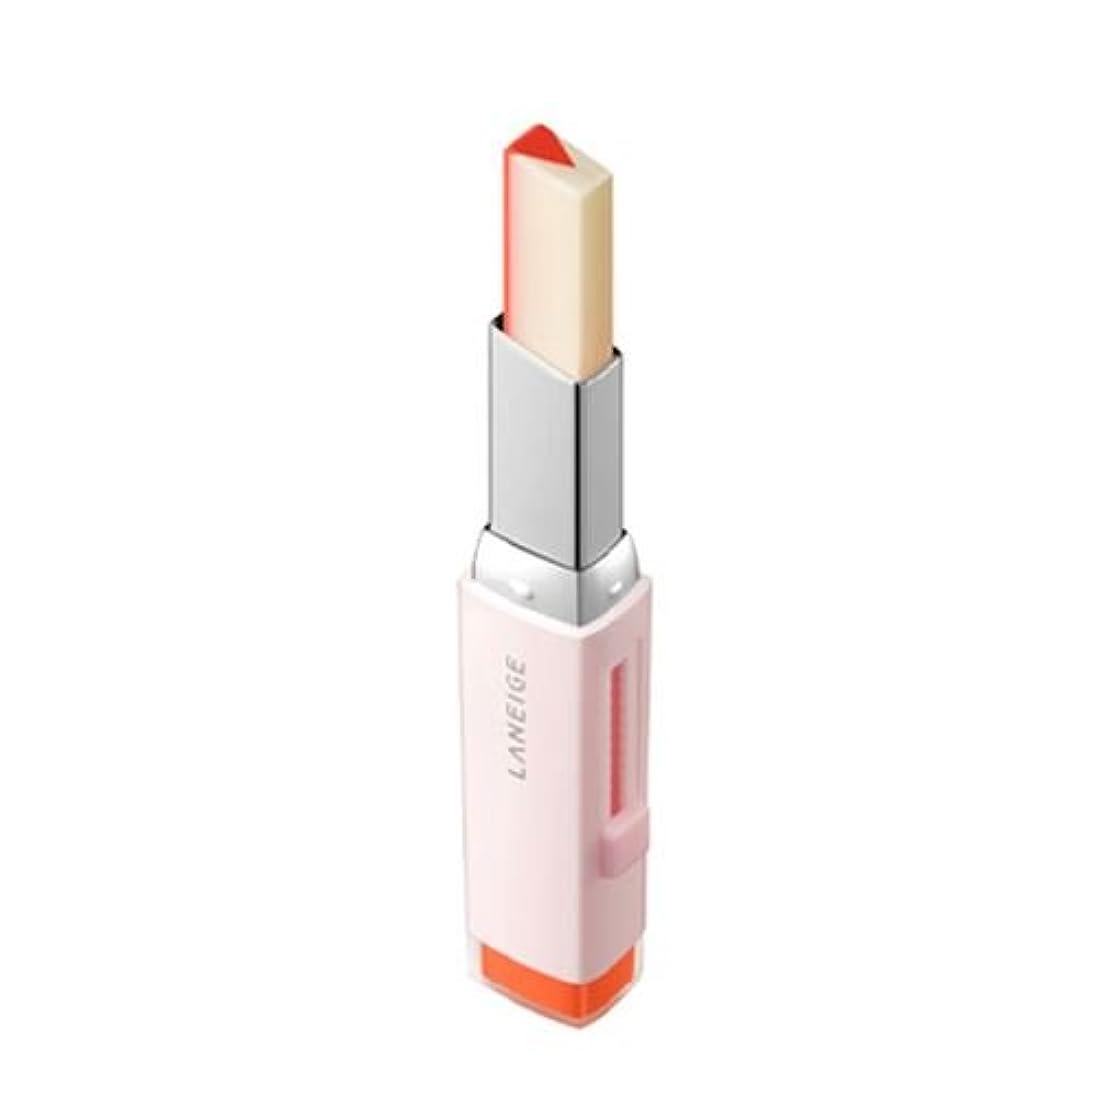 注意鉄道駅花火[New] LANEIGE Two Tone Tint Lip Bar 2g/ラネージュ ツー トーン ティント リップ バー 2g (#02 Tangeine Slice) [並行輸入品]